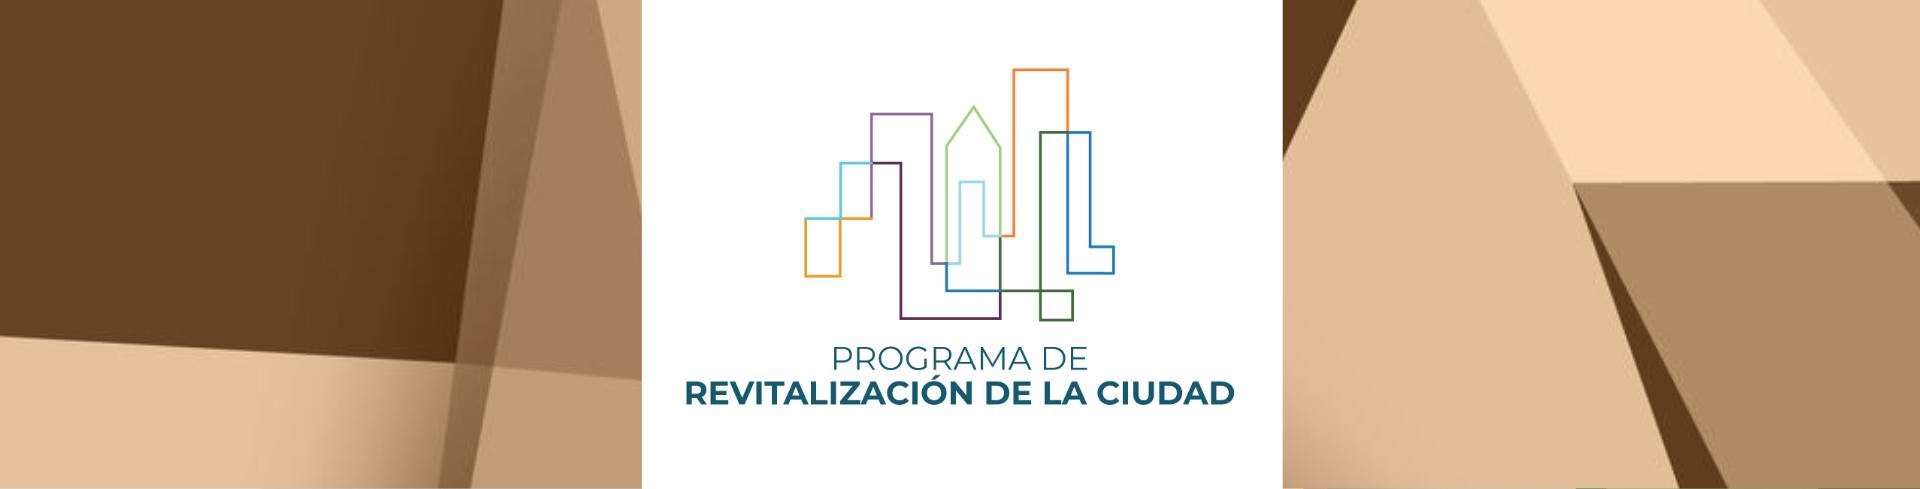 Revitalización de la Ciudad